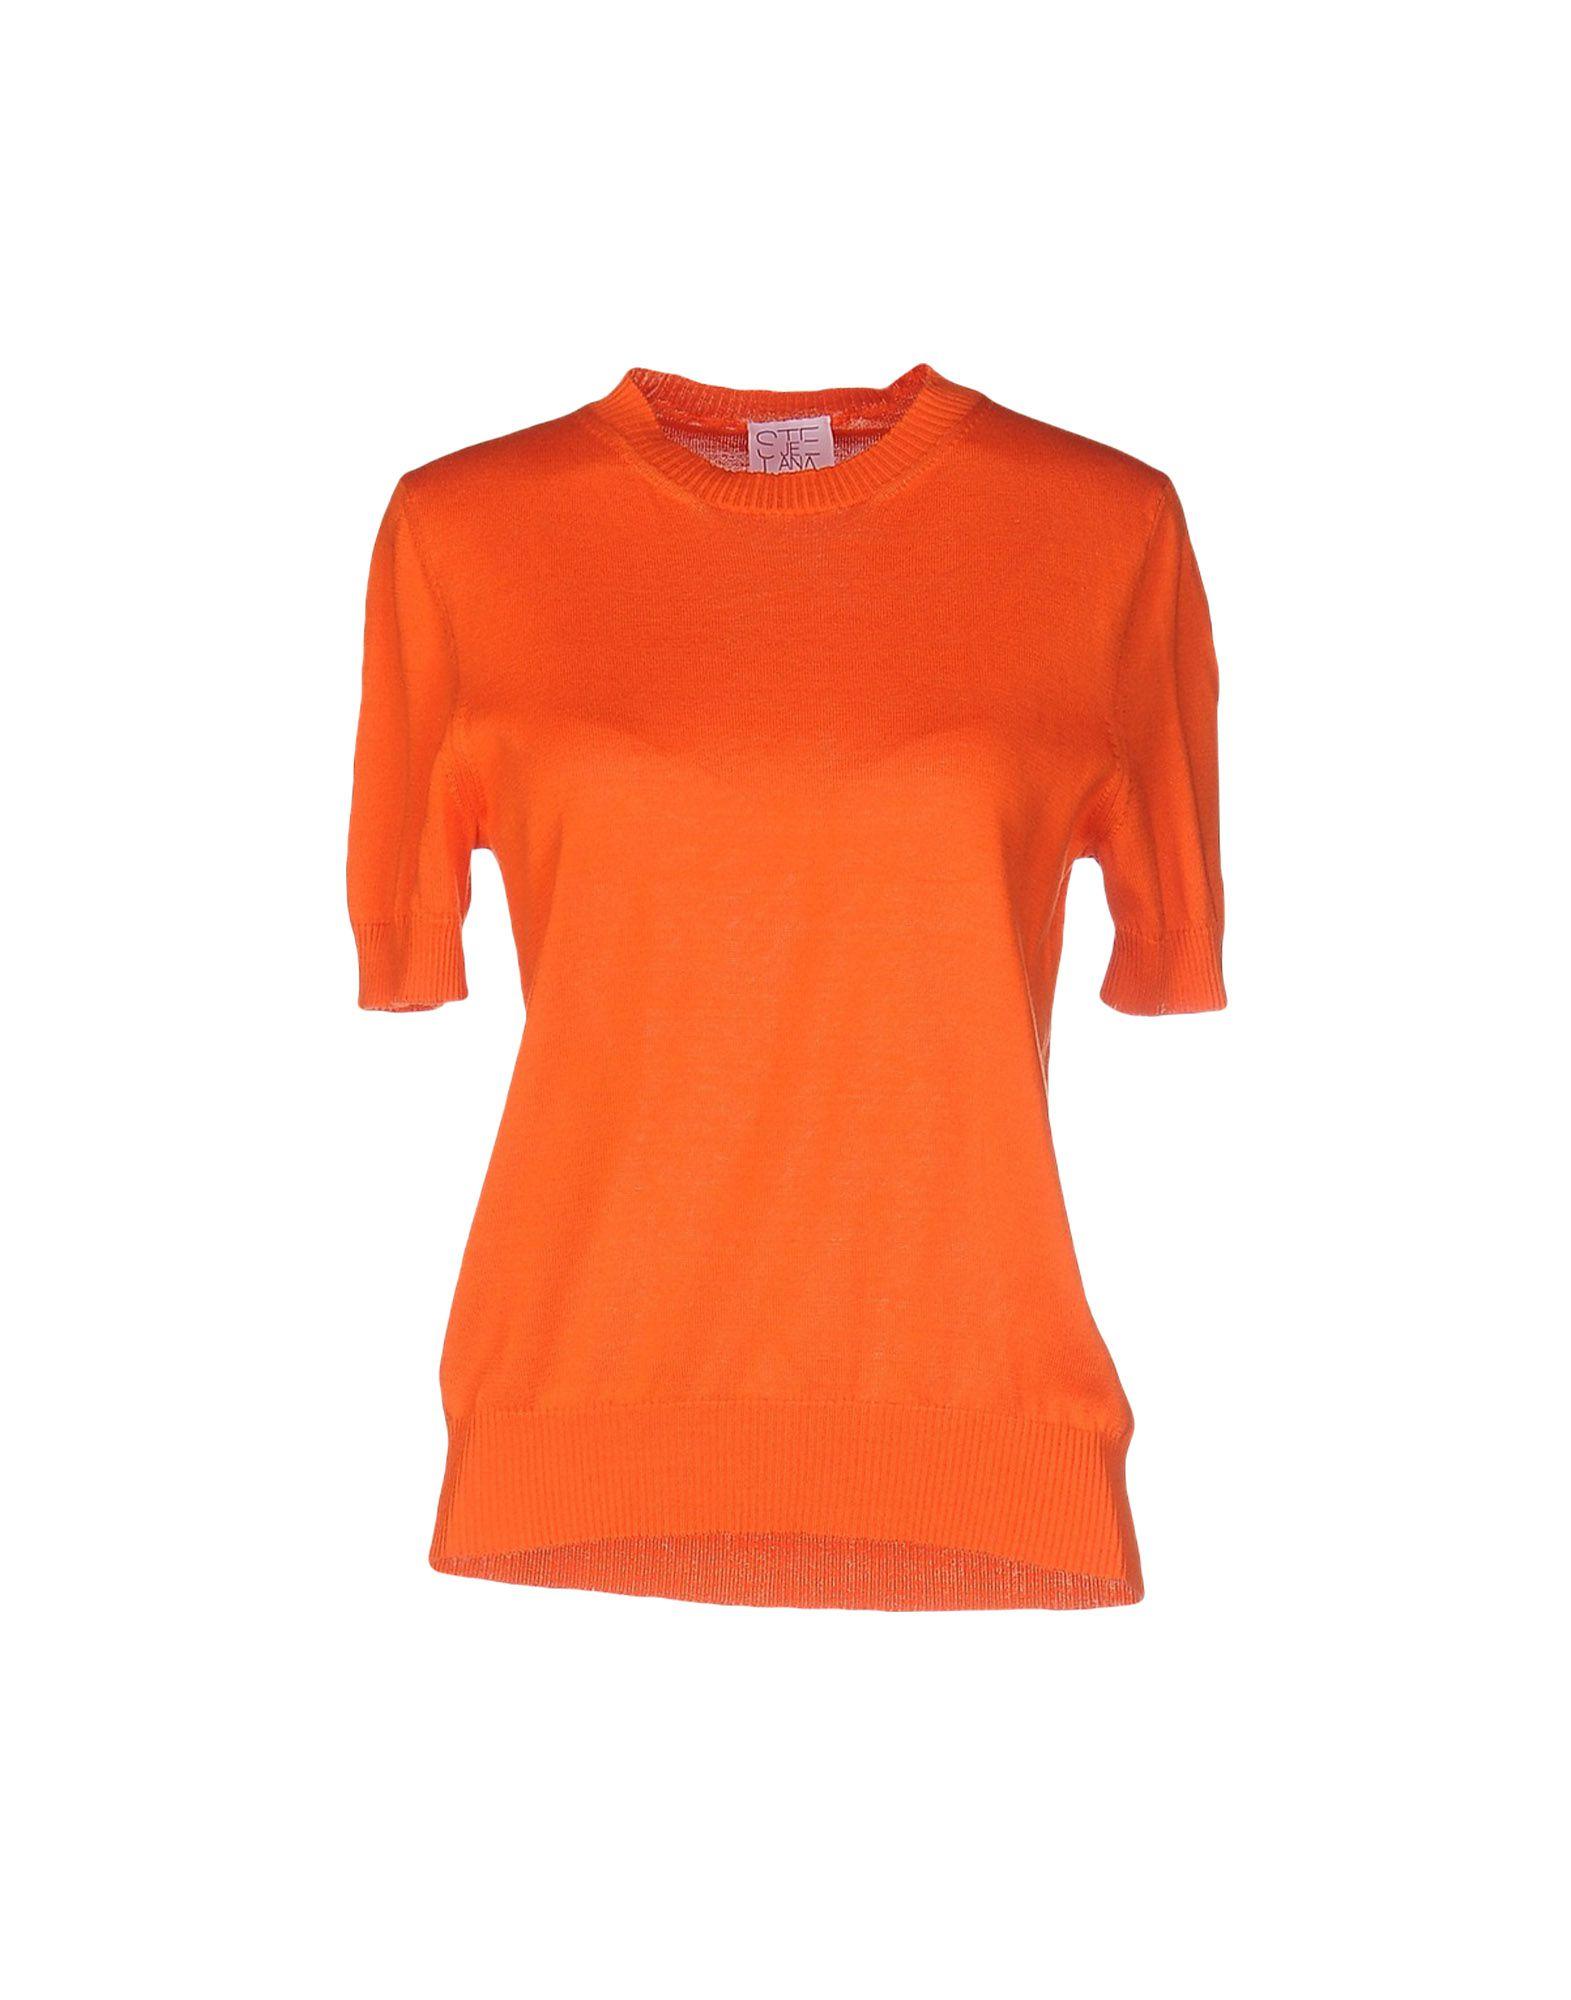 STELLA JEAN Sweaters - Item 39694035